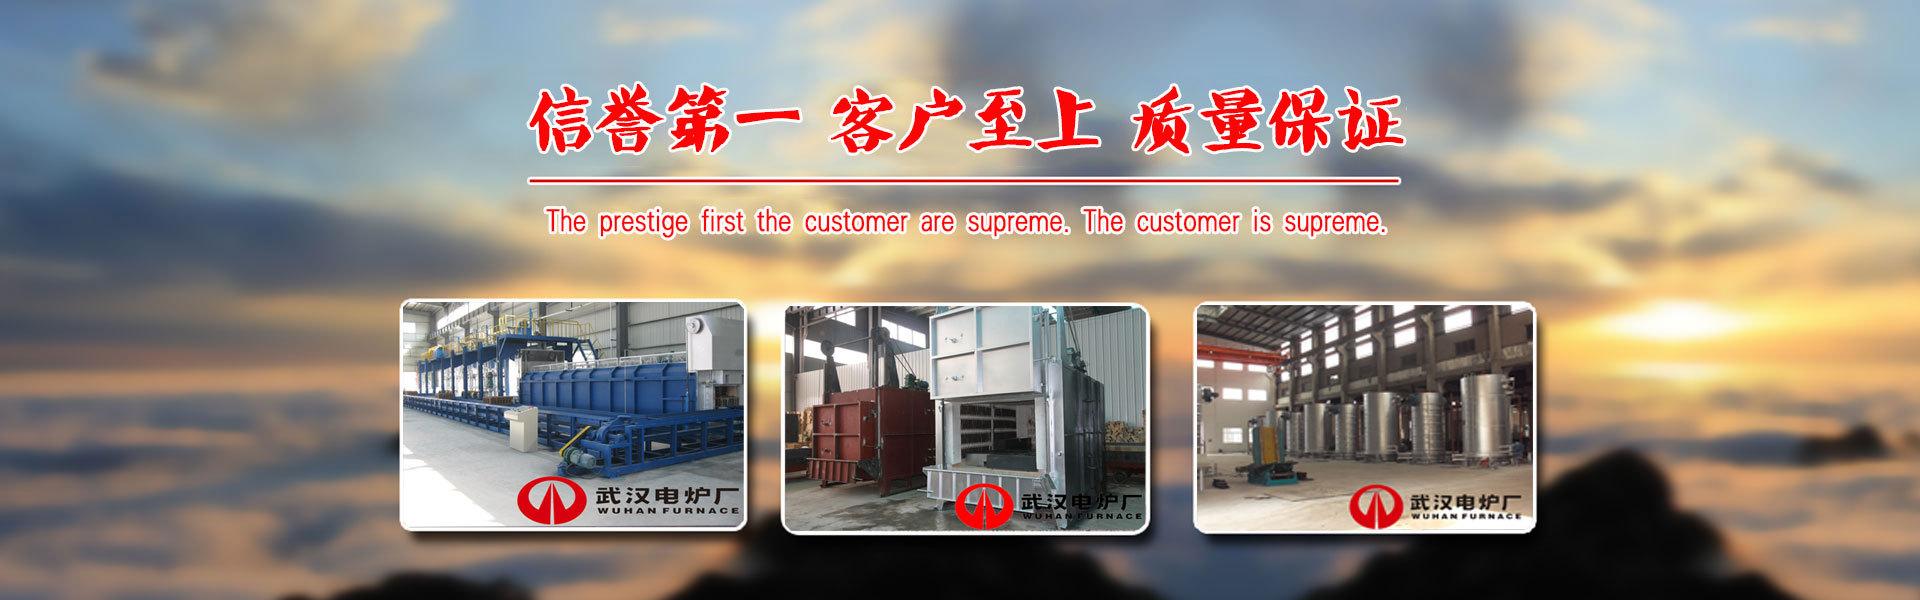 武汉电炉官网首页-厂房展示